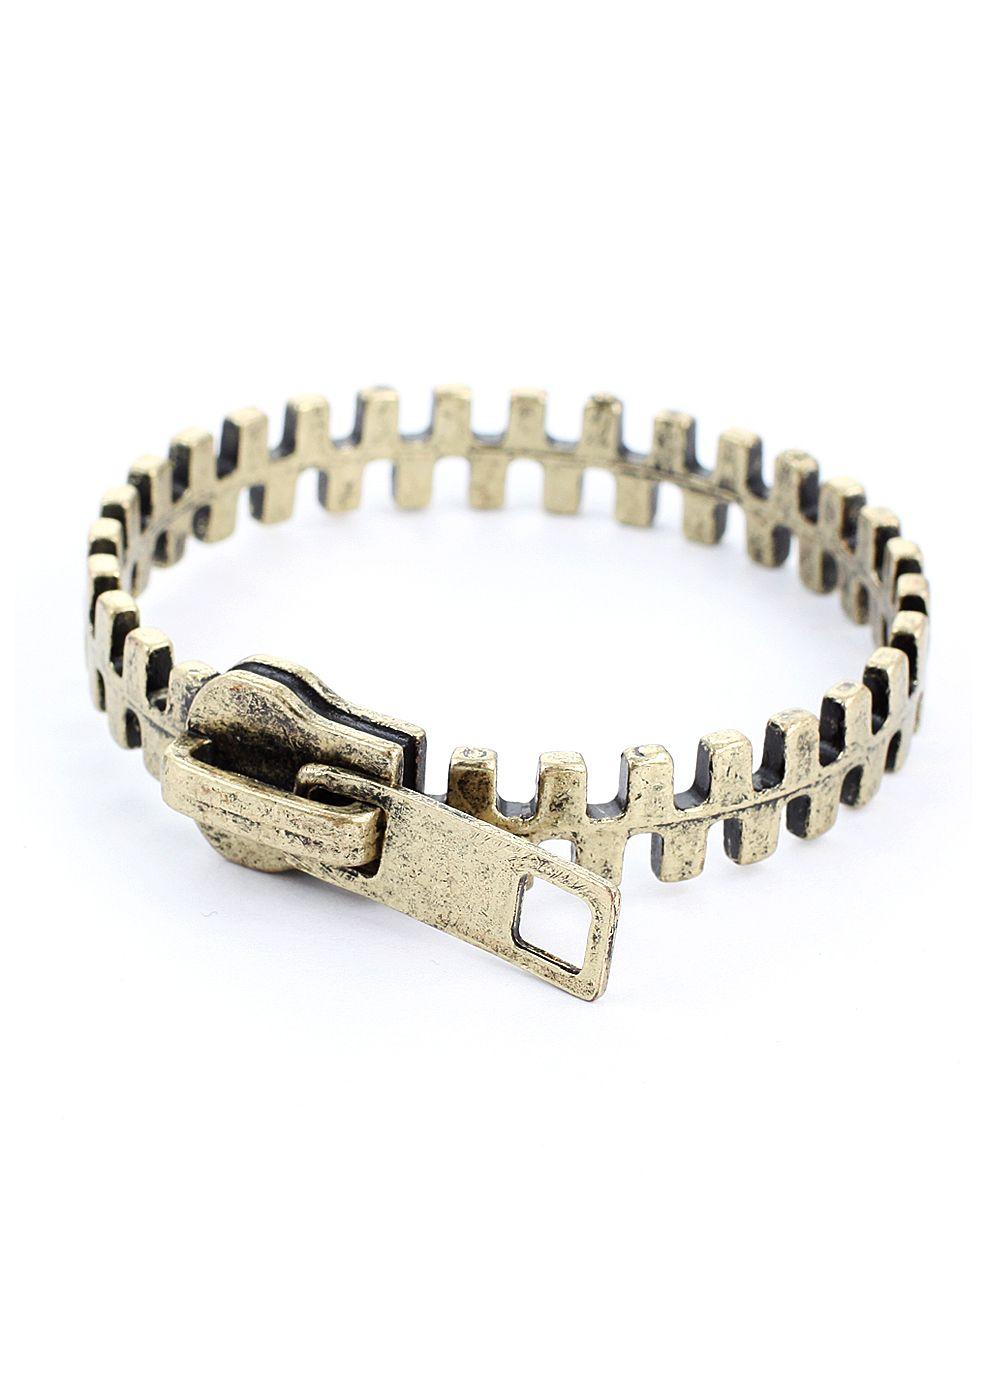 Retro Metal Bracelet